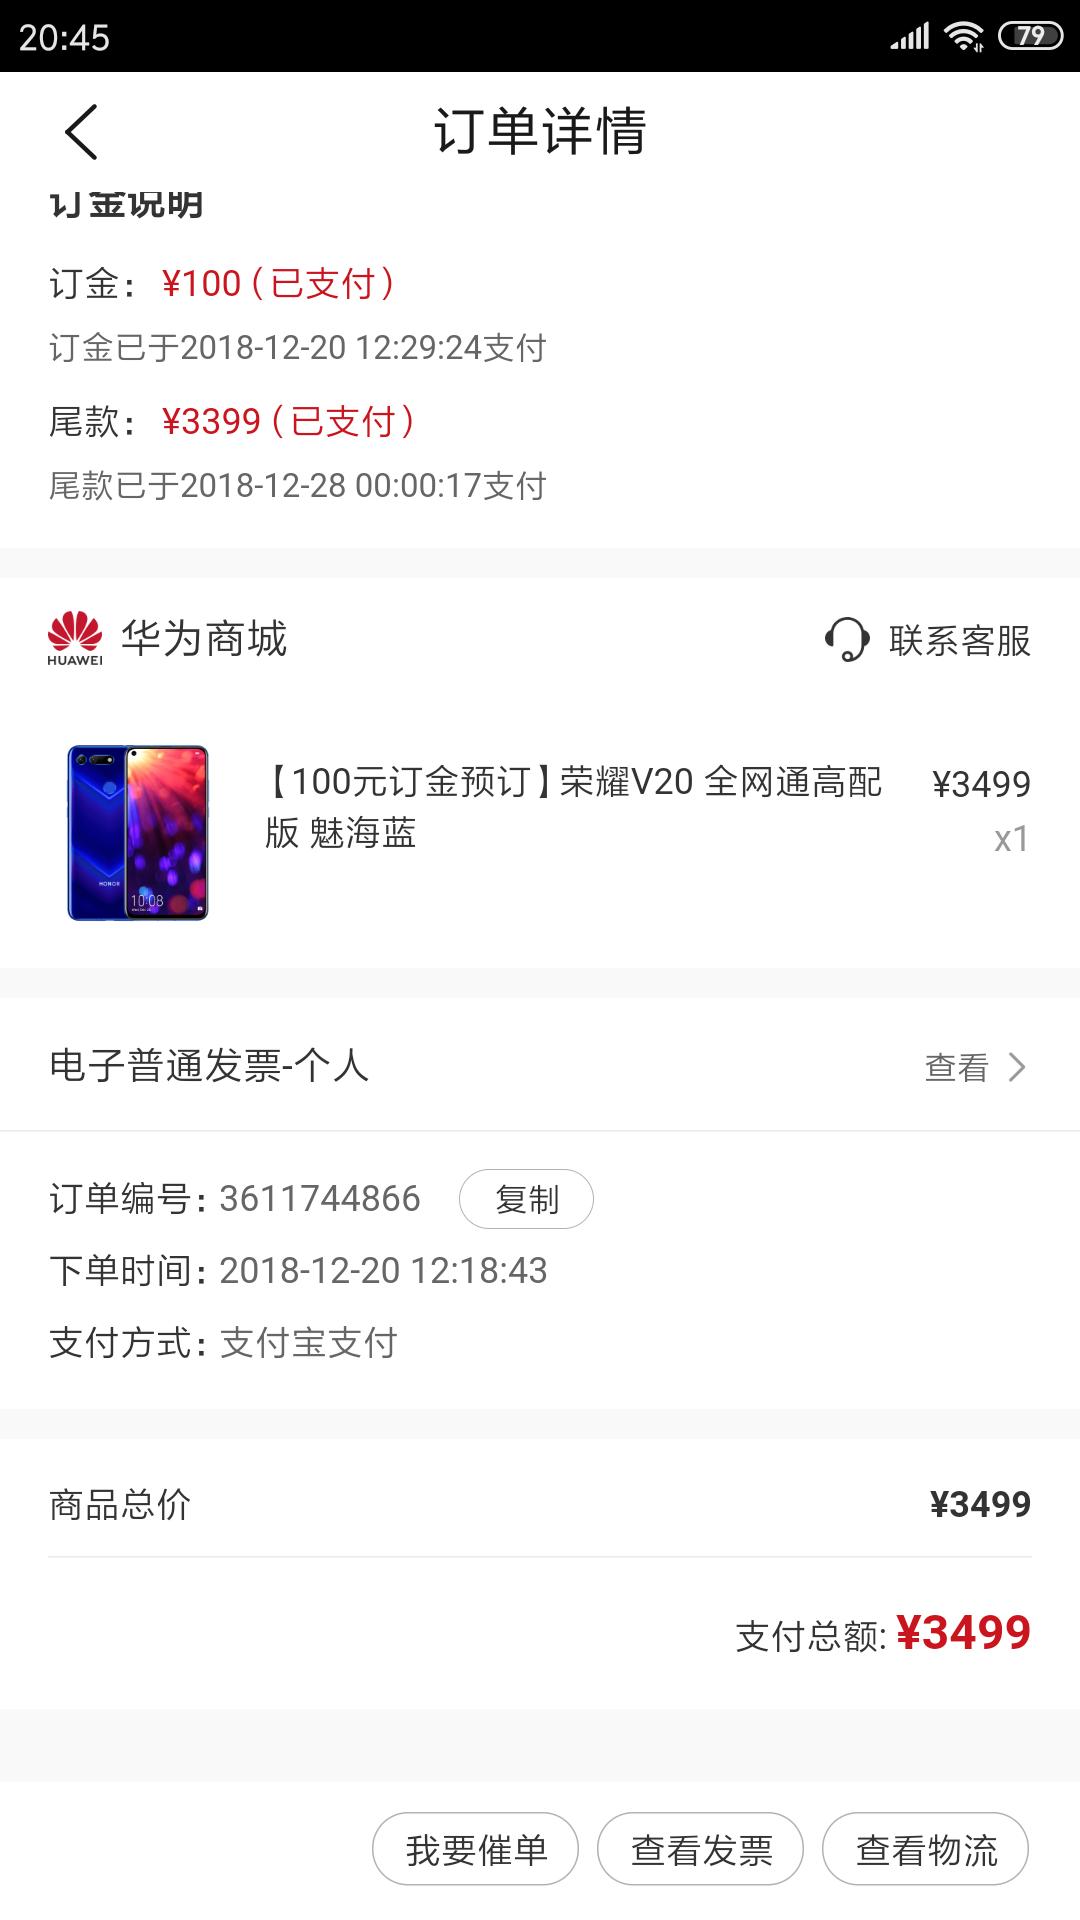 Screenshot_2018-12-30-20-45-07-892_com.vmall.client.png